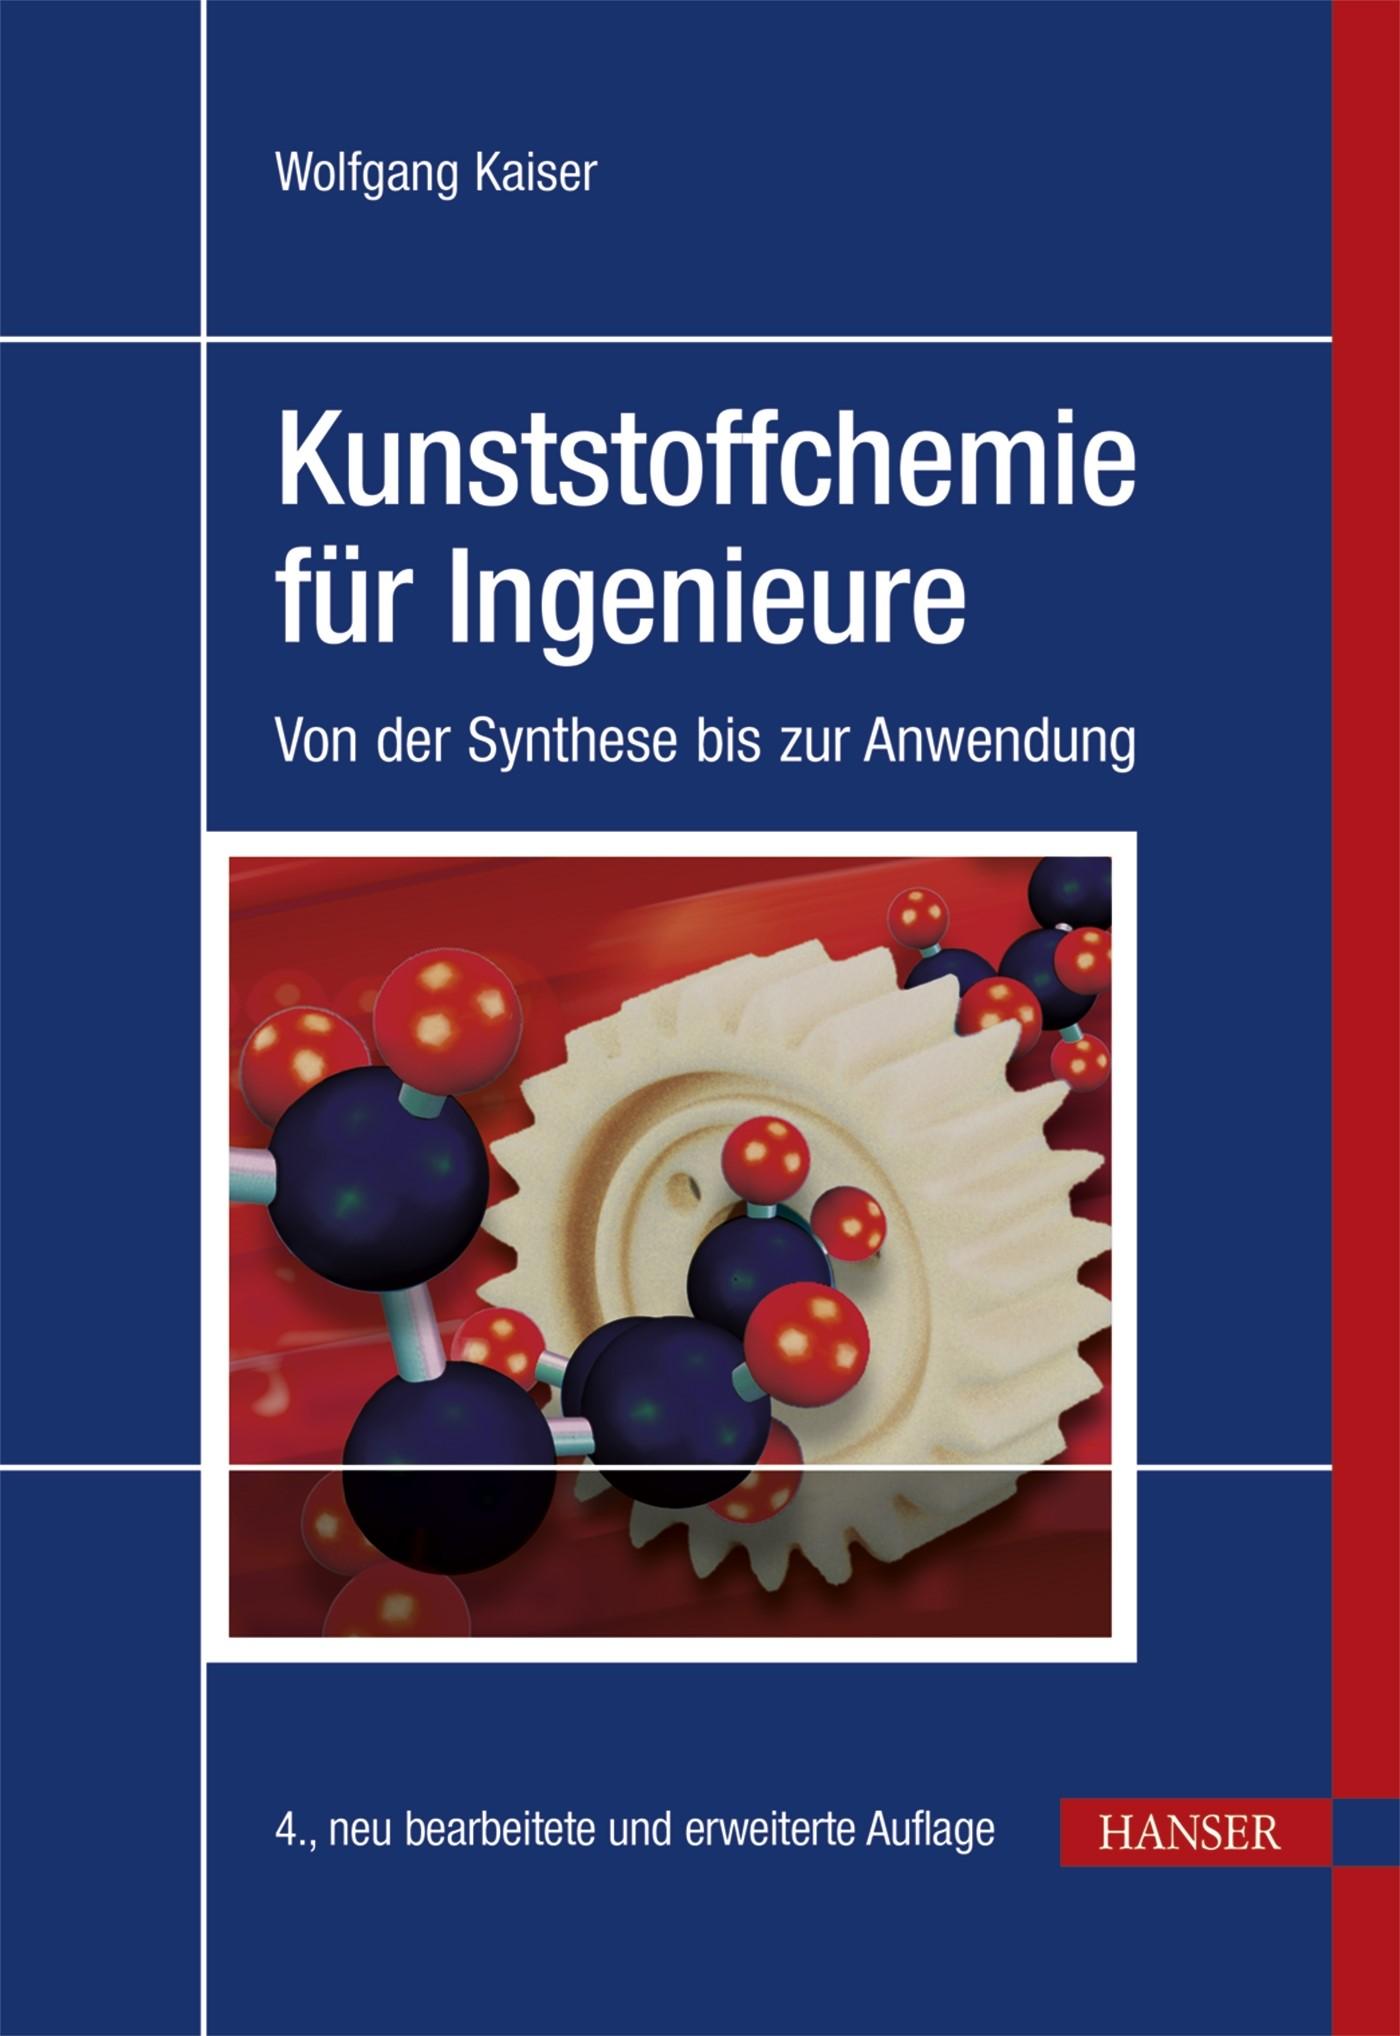 Kunststoffchemie für Ingenieure | Kaiser | 4., vollständig überarbeitete und erweiterte Auflage, 2015 | Buch (Cover)